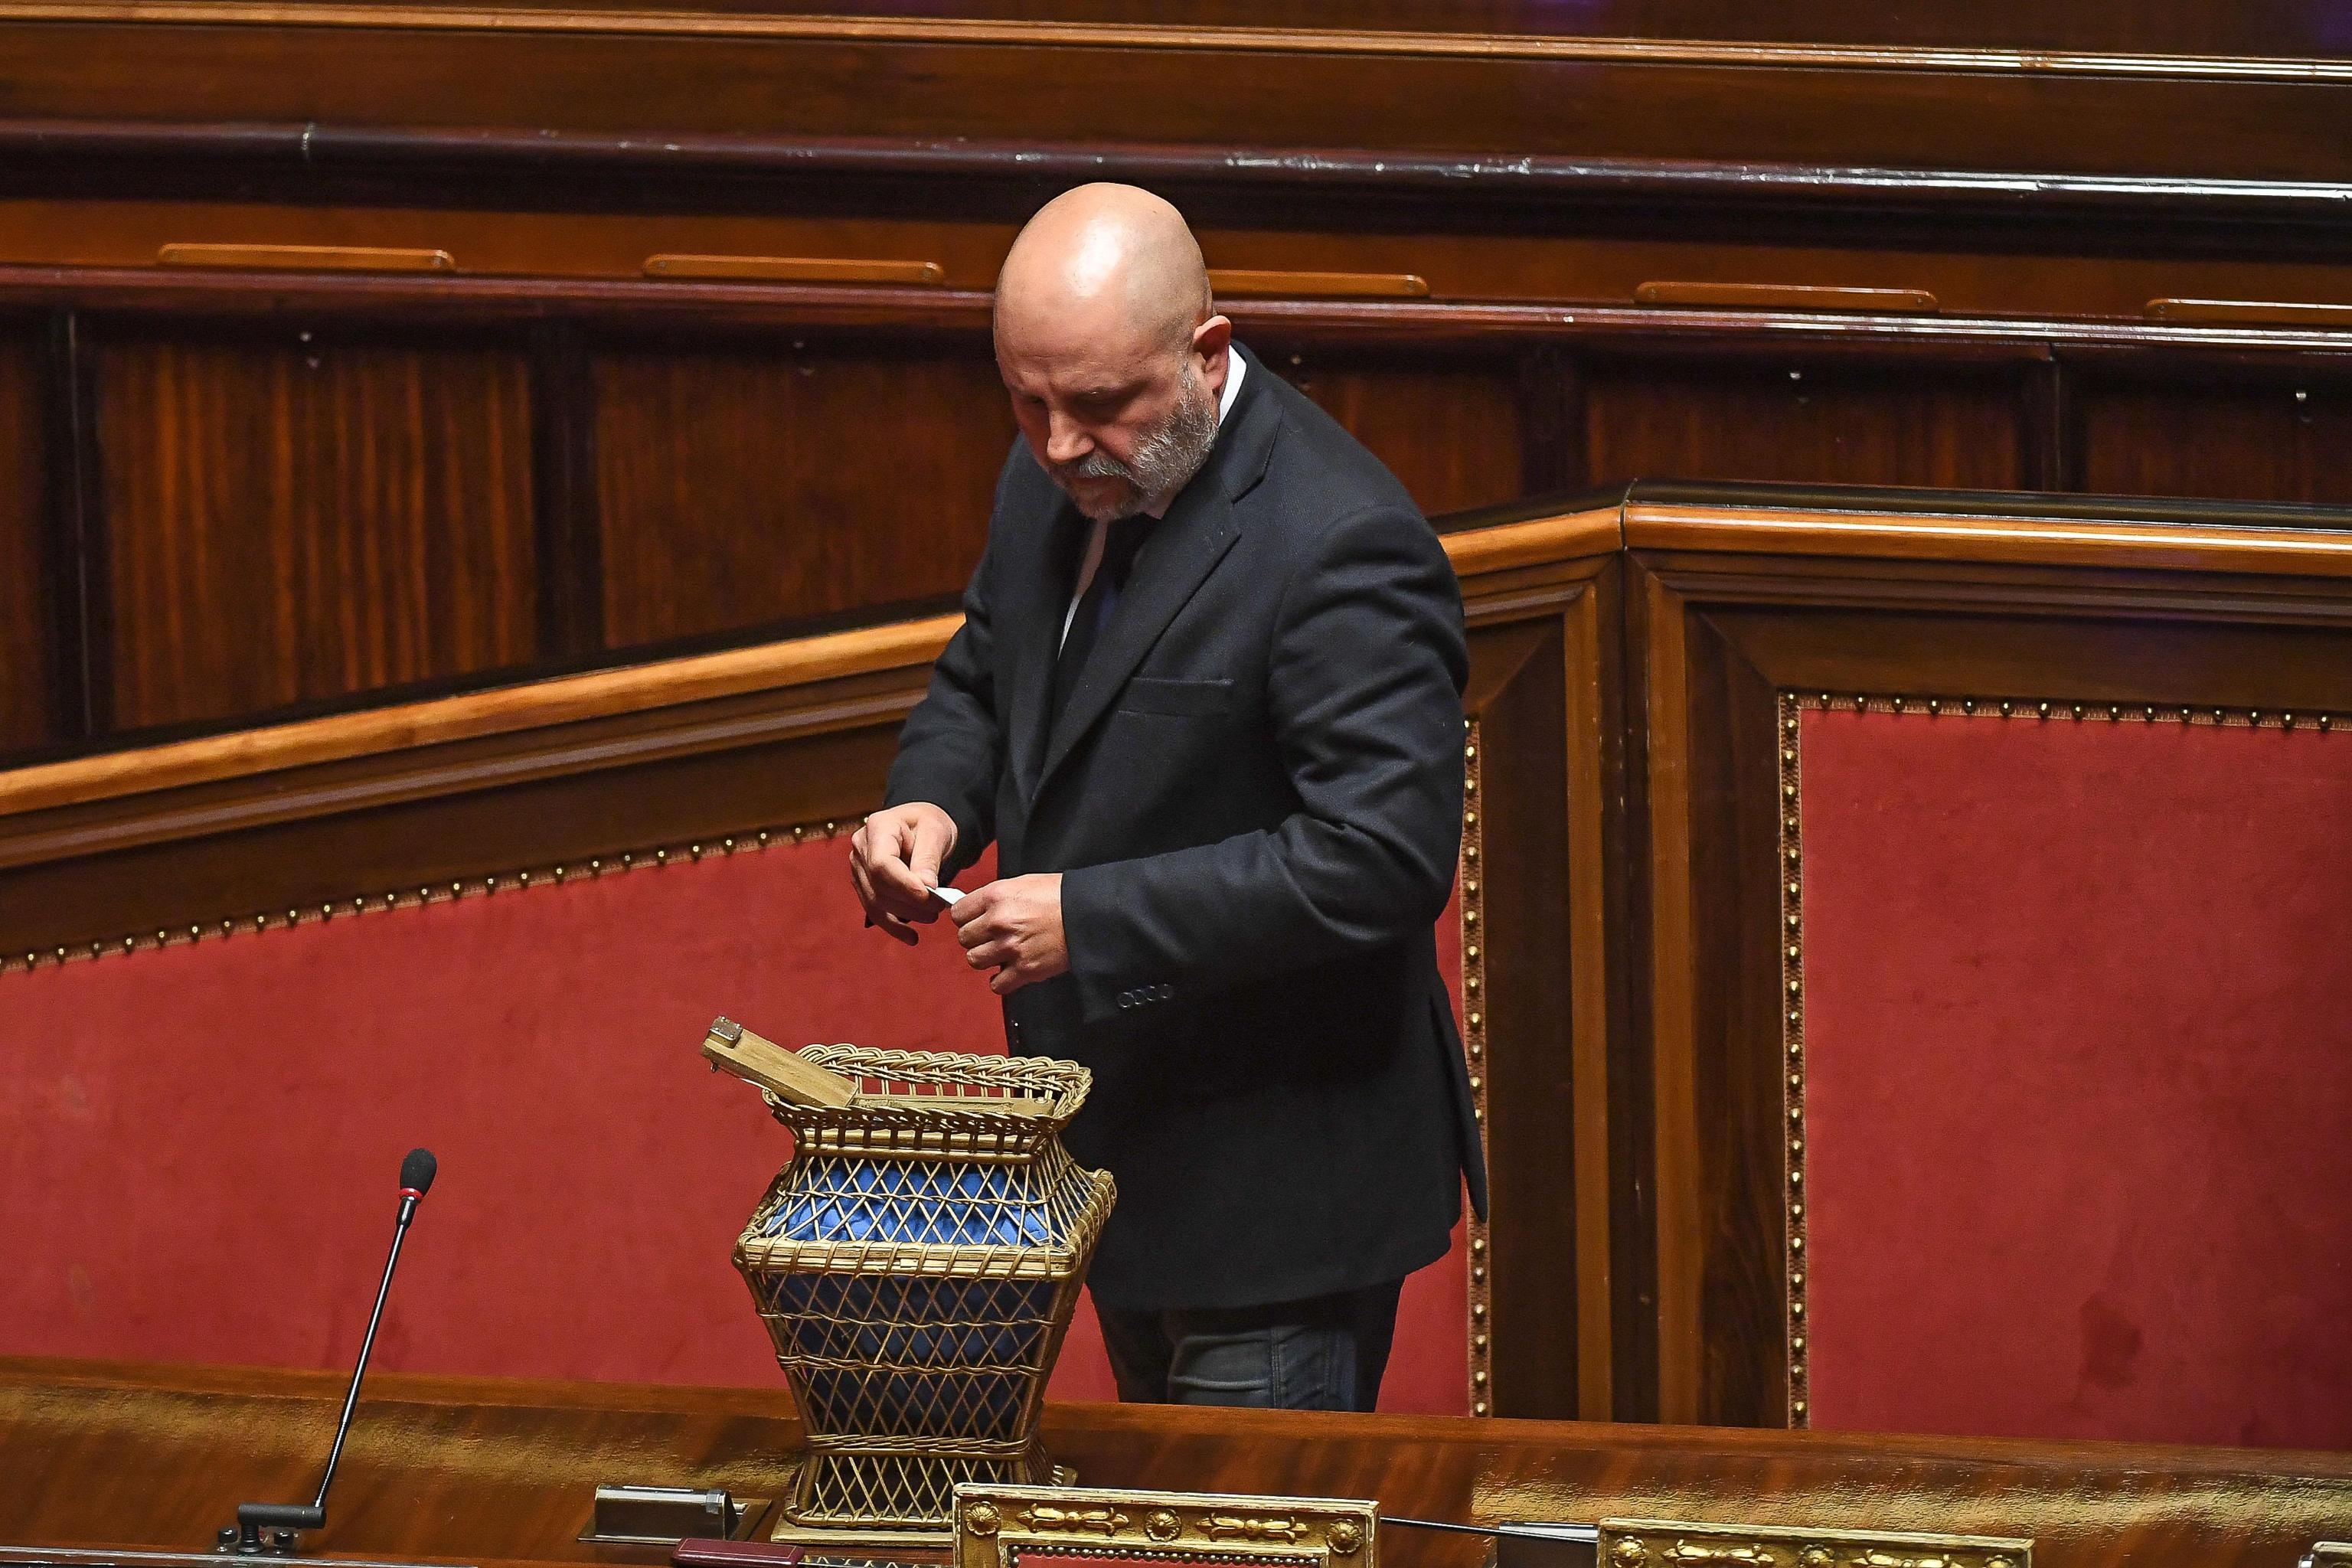 Crisi di governo, il Cinquestelle Dessì: «Cesa indagato? Fatto personale, ancora pronti ad accogliere i senatori Udc» – L'intervista